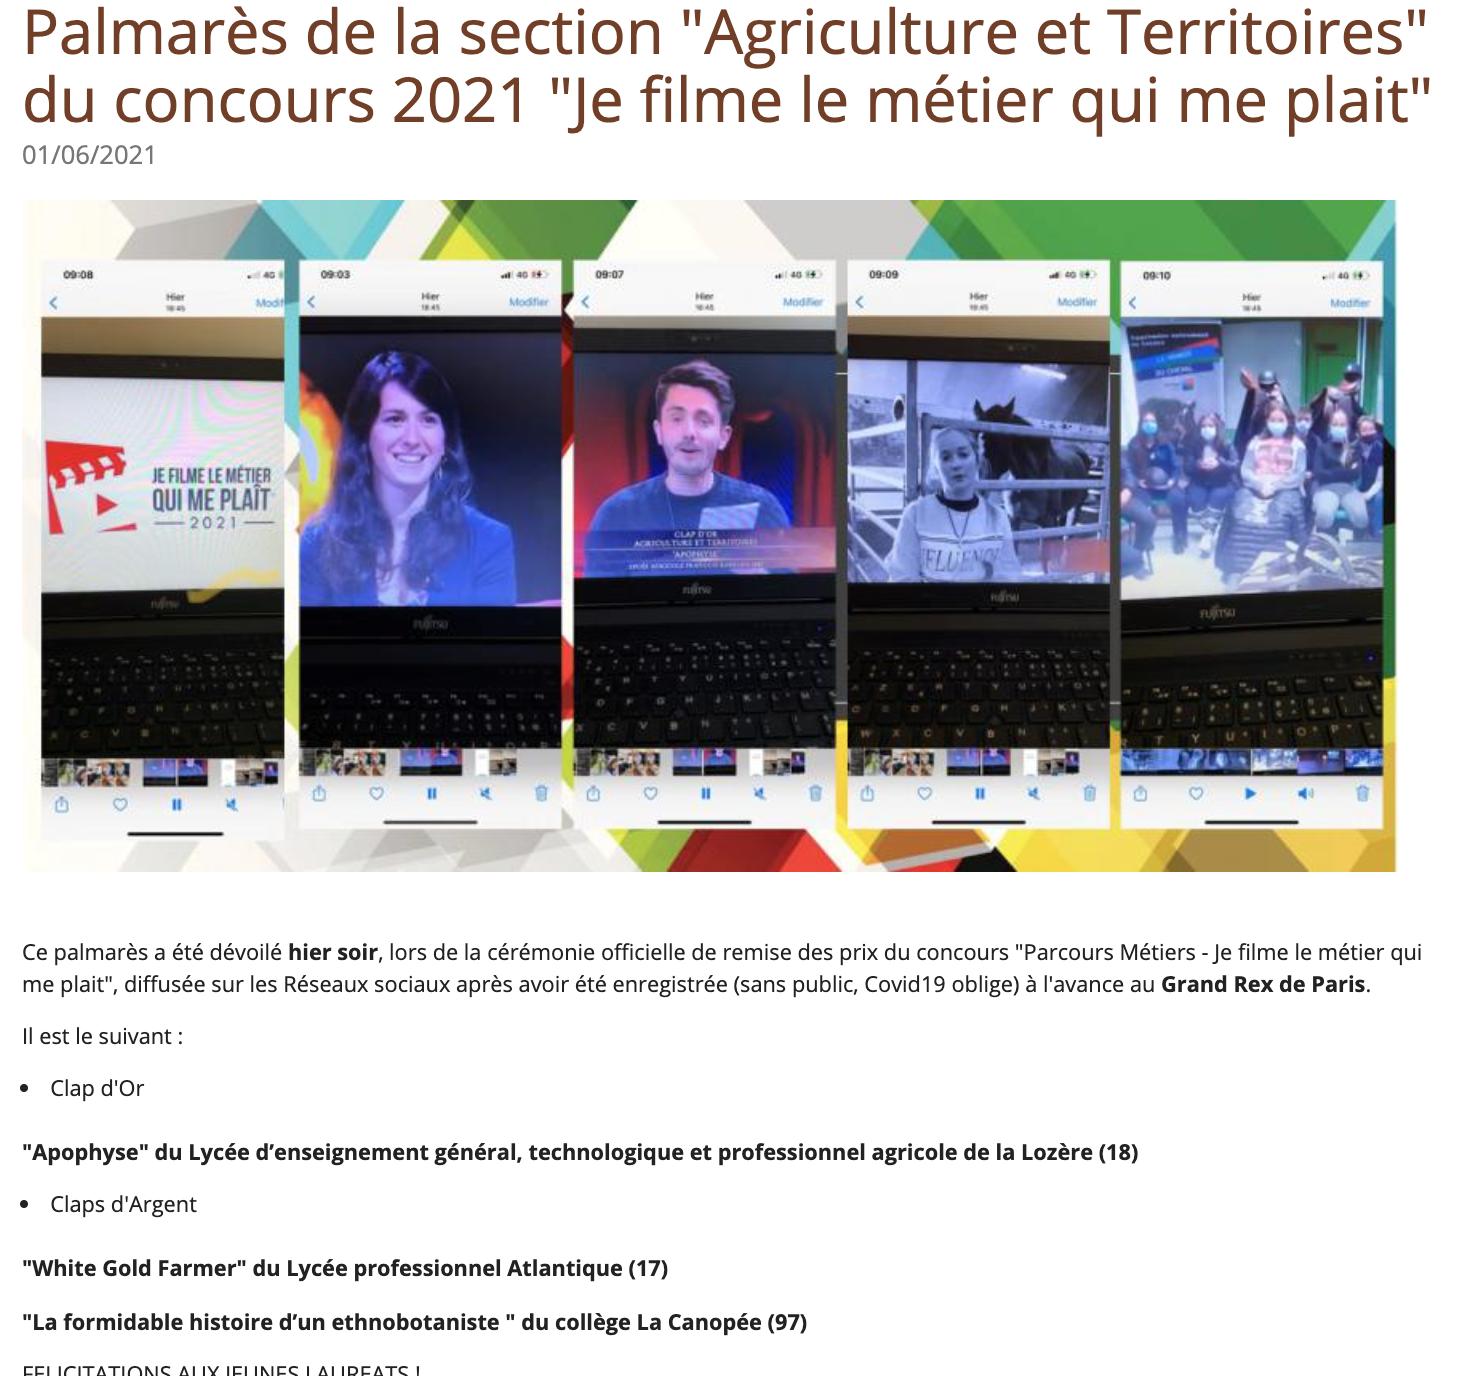 Académie d'Agriculture de France - 01/06/2021